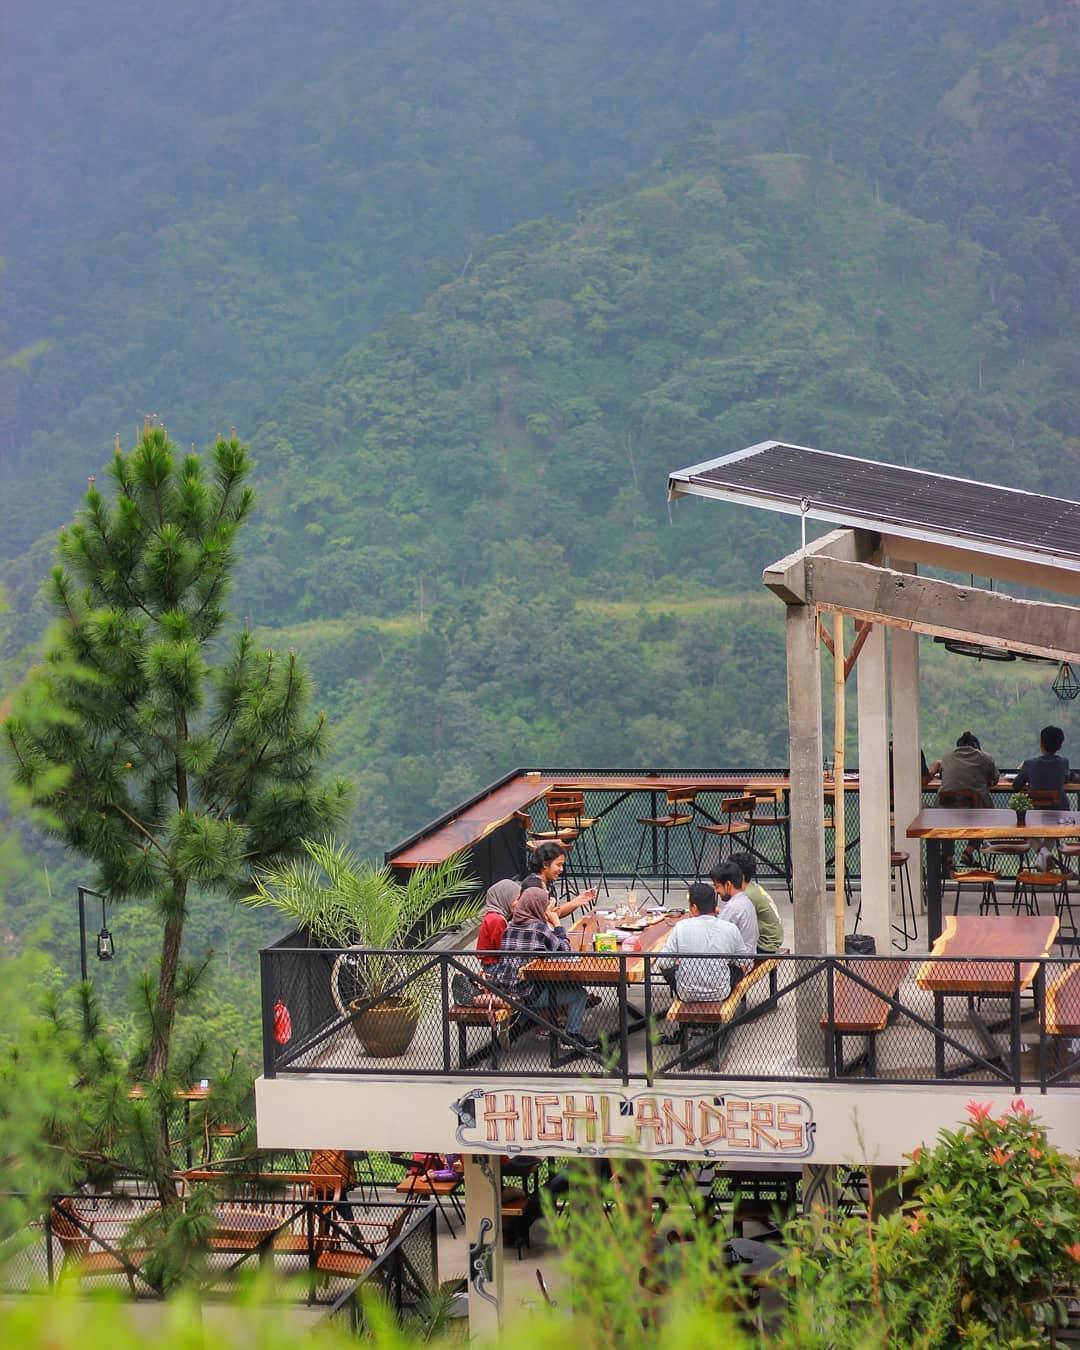 Highlanders Resort & Cafe Bogor